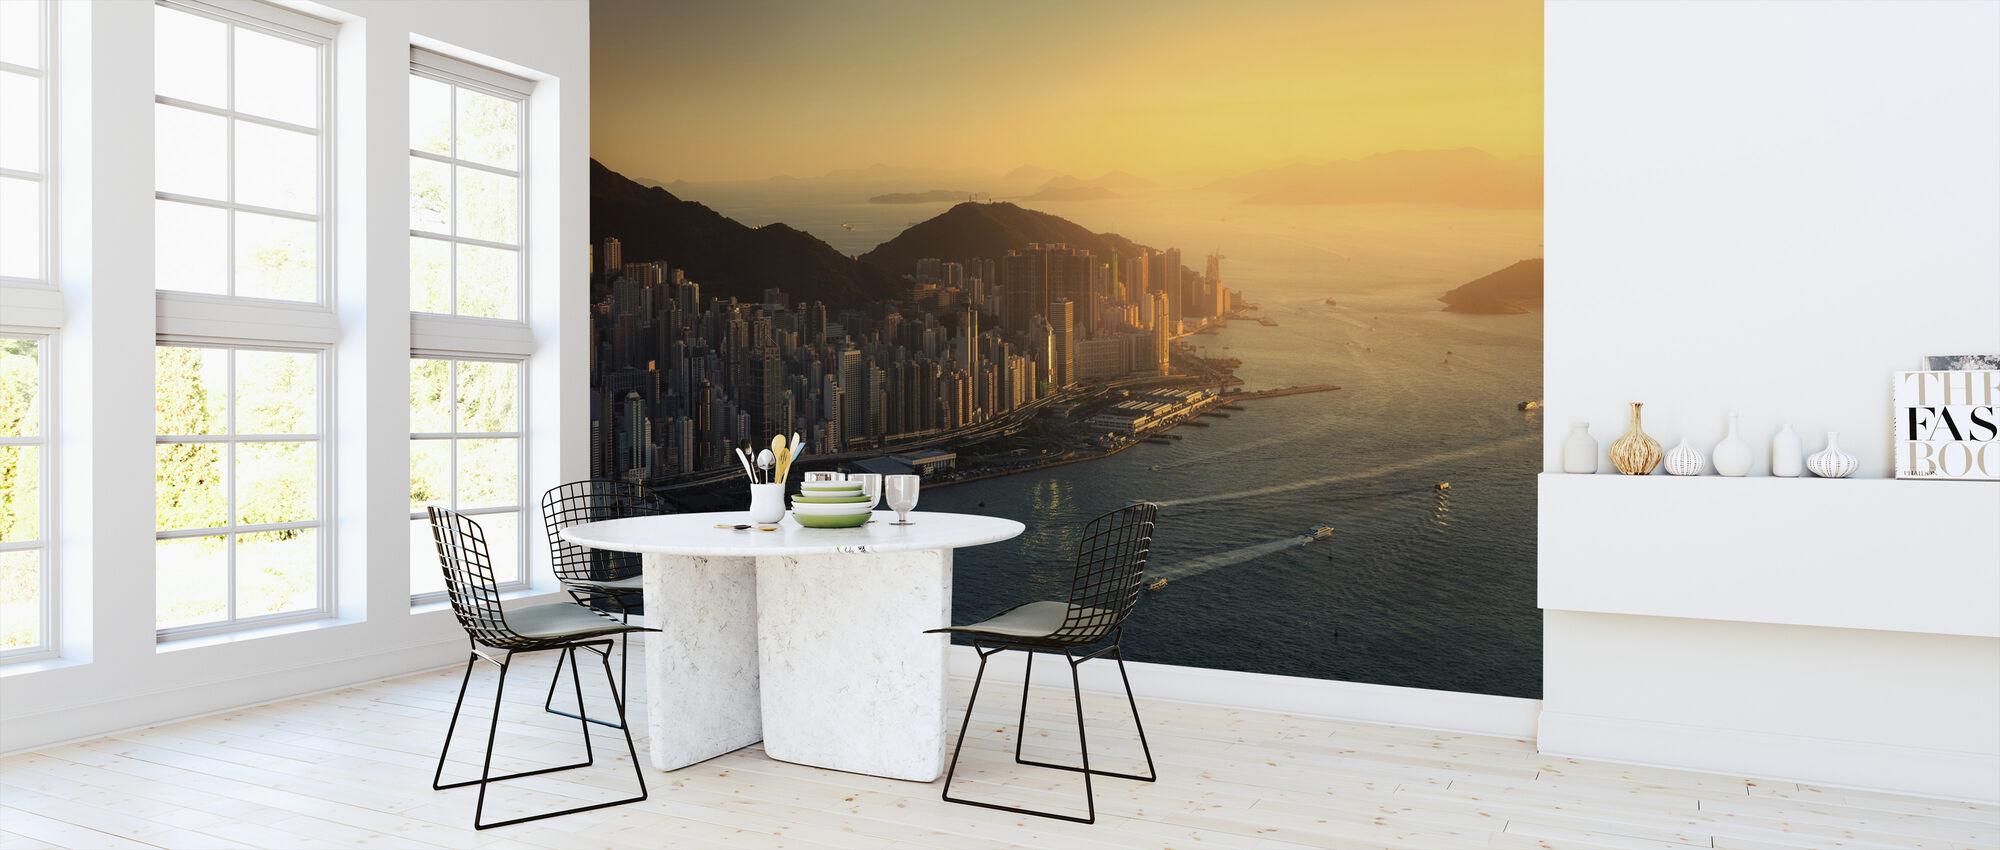 Hongkongin rannikko - Tapetti - Keittiö